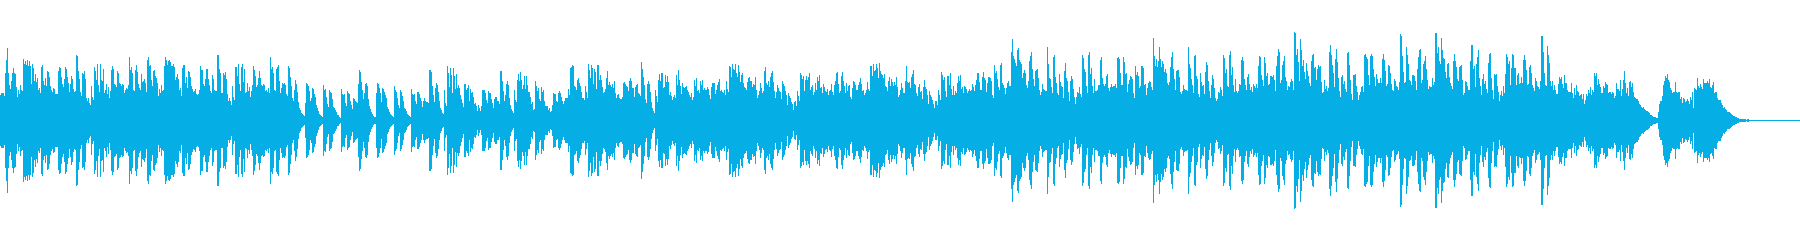 奇妙なファンタジーをテーマにしたメ...の再生済みの波形